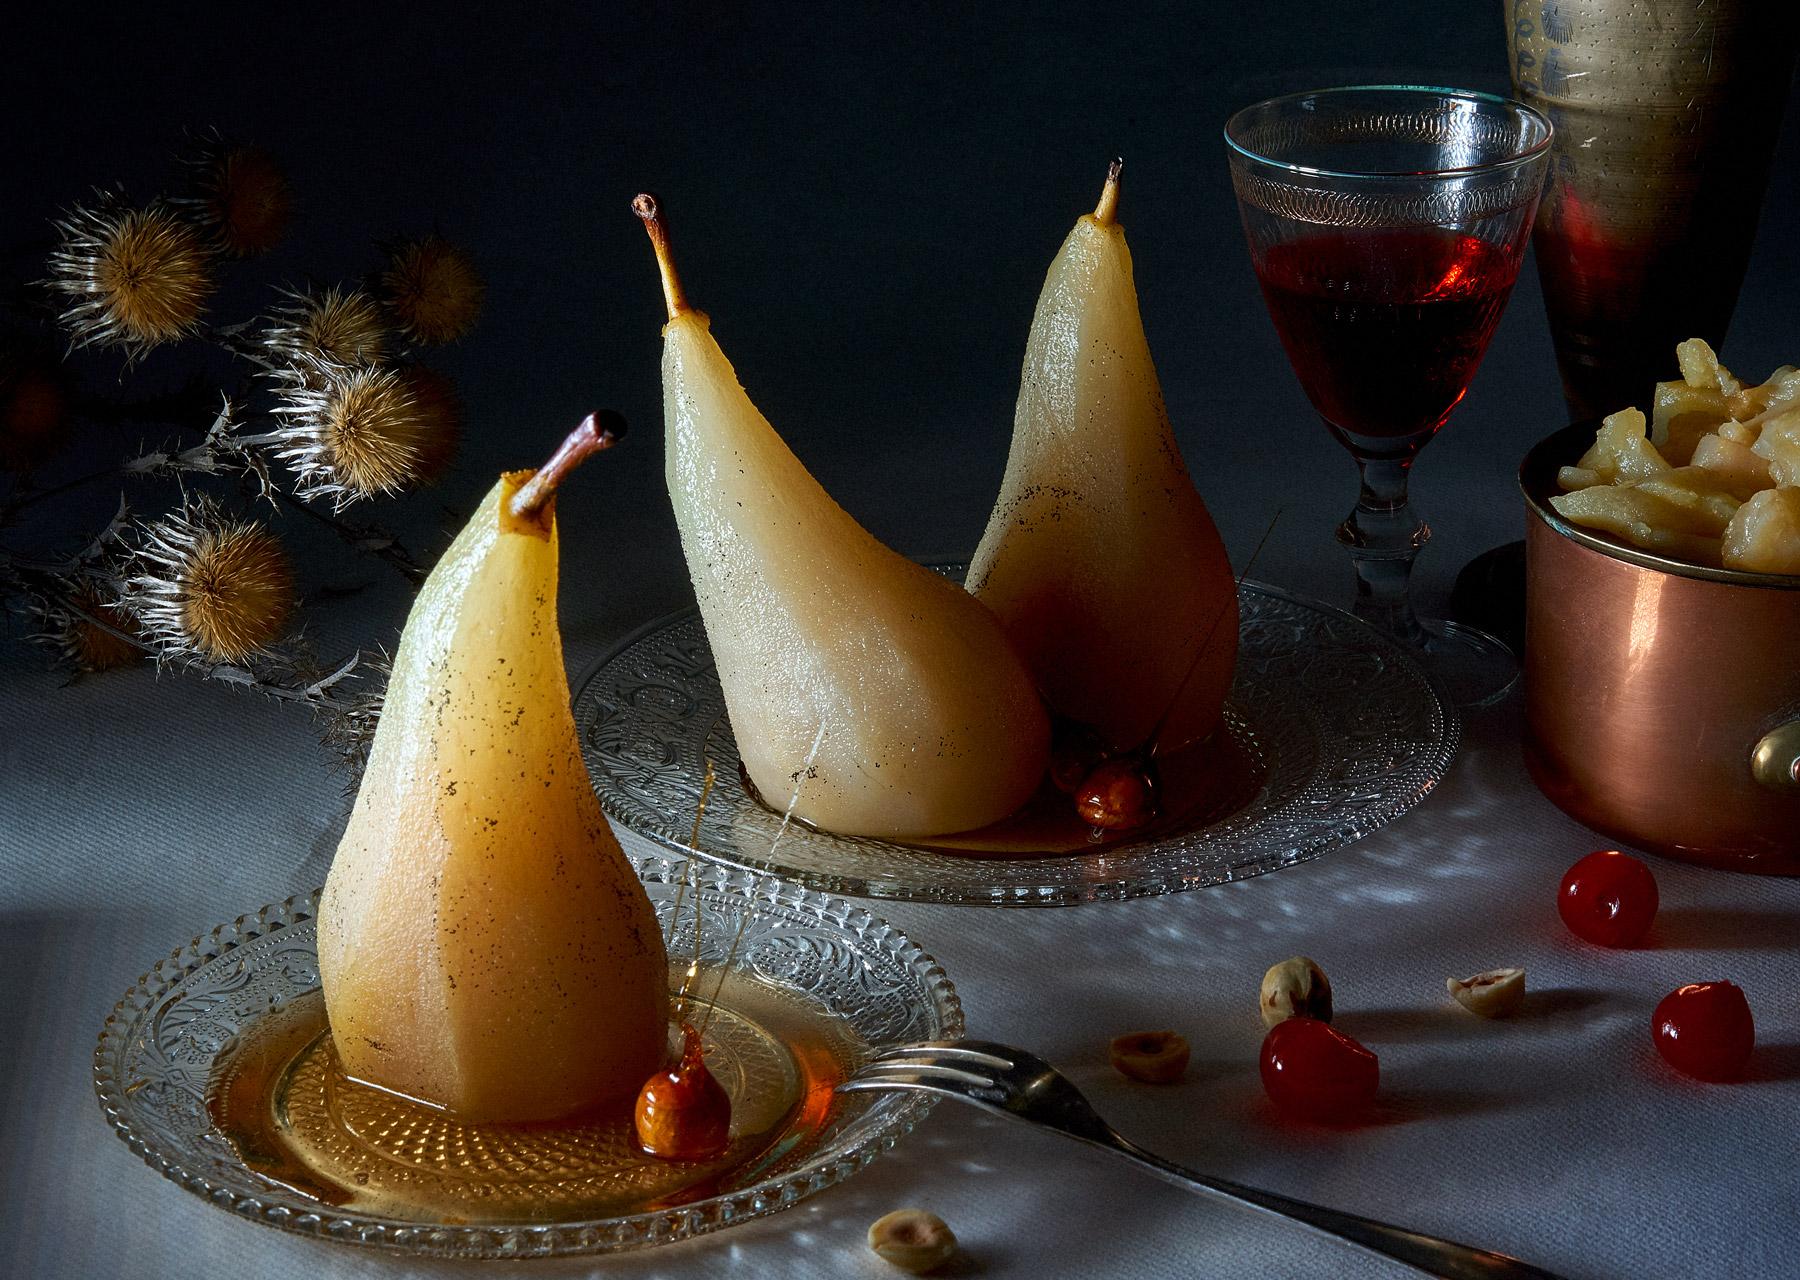 -patisserie-belgique-poire-cuite-dessert-cuisine-traiteur-restaurat-takeway-tournai-ath-leuze-mouscron-enghien-bruxelles-lille-culinaire-photographe